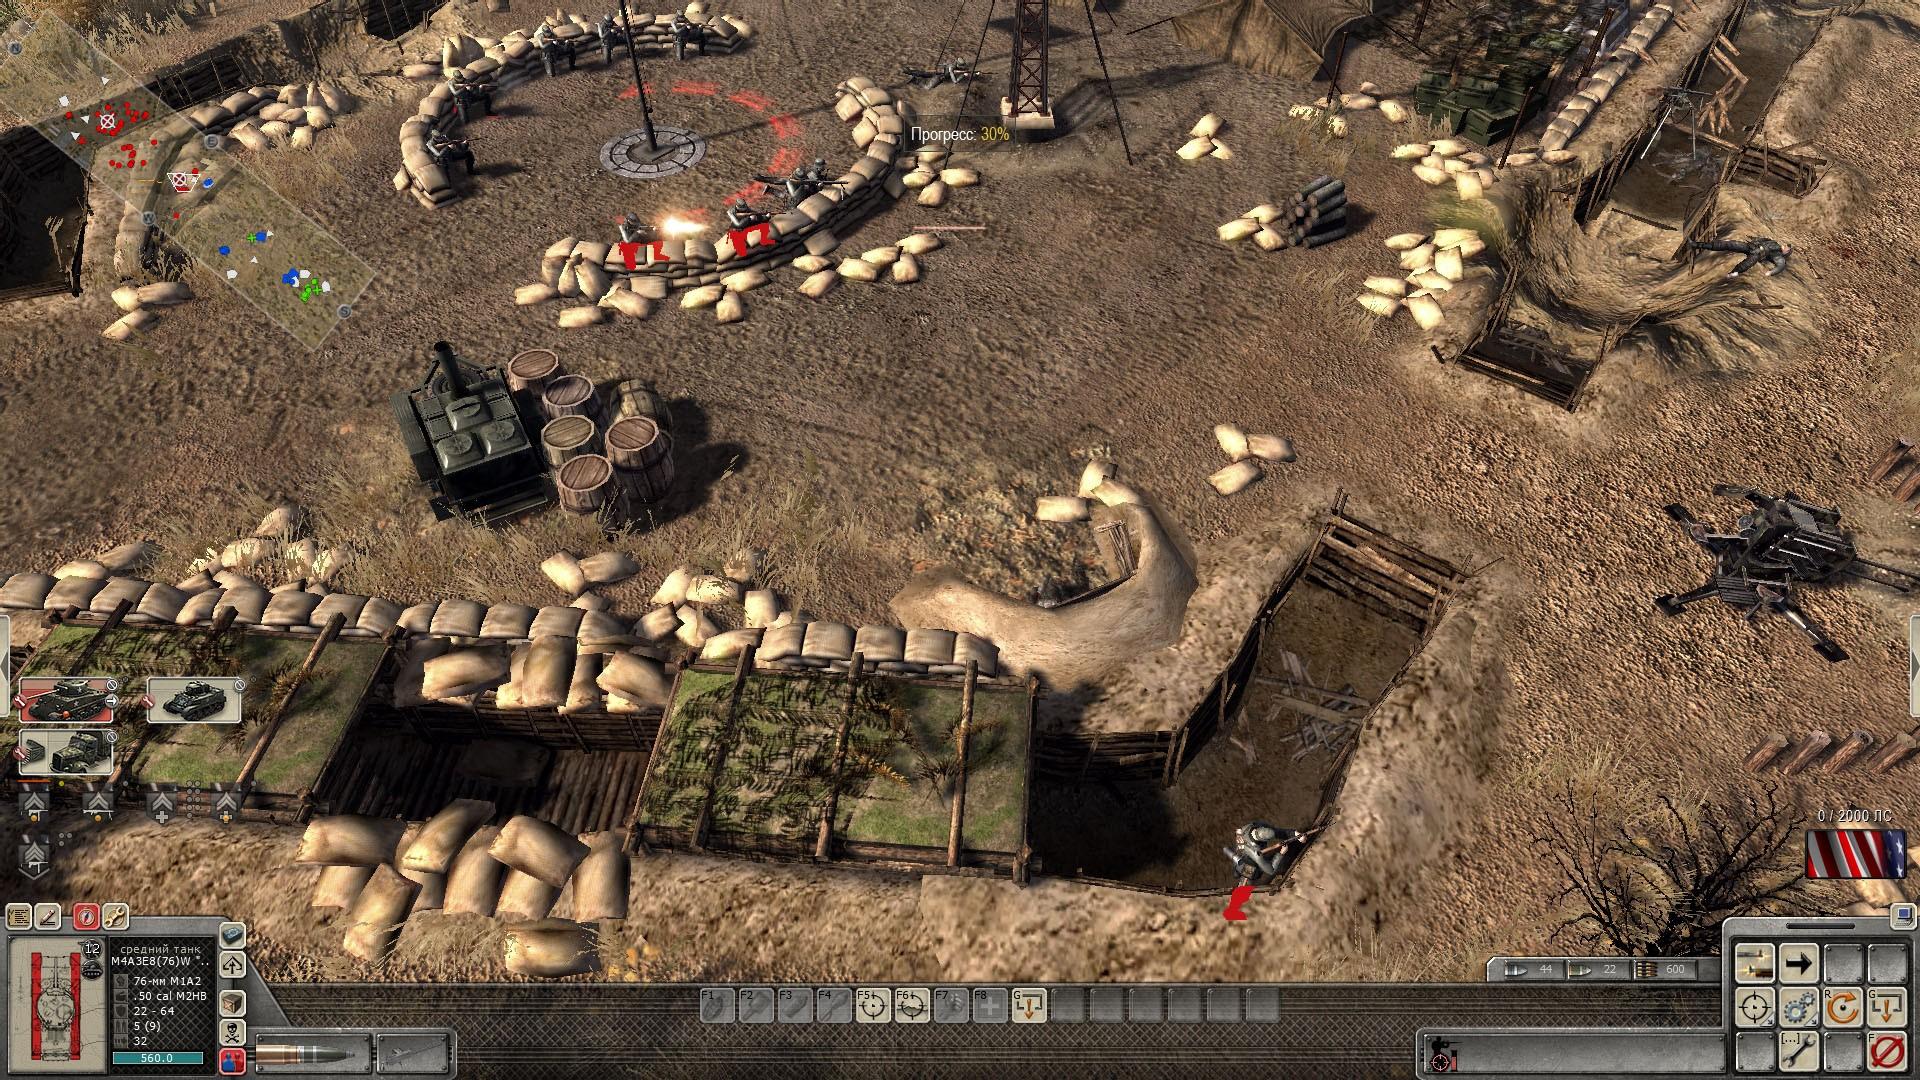 игра в тылу врага скачать торрент